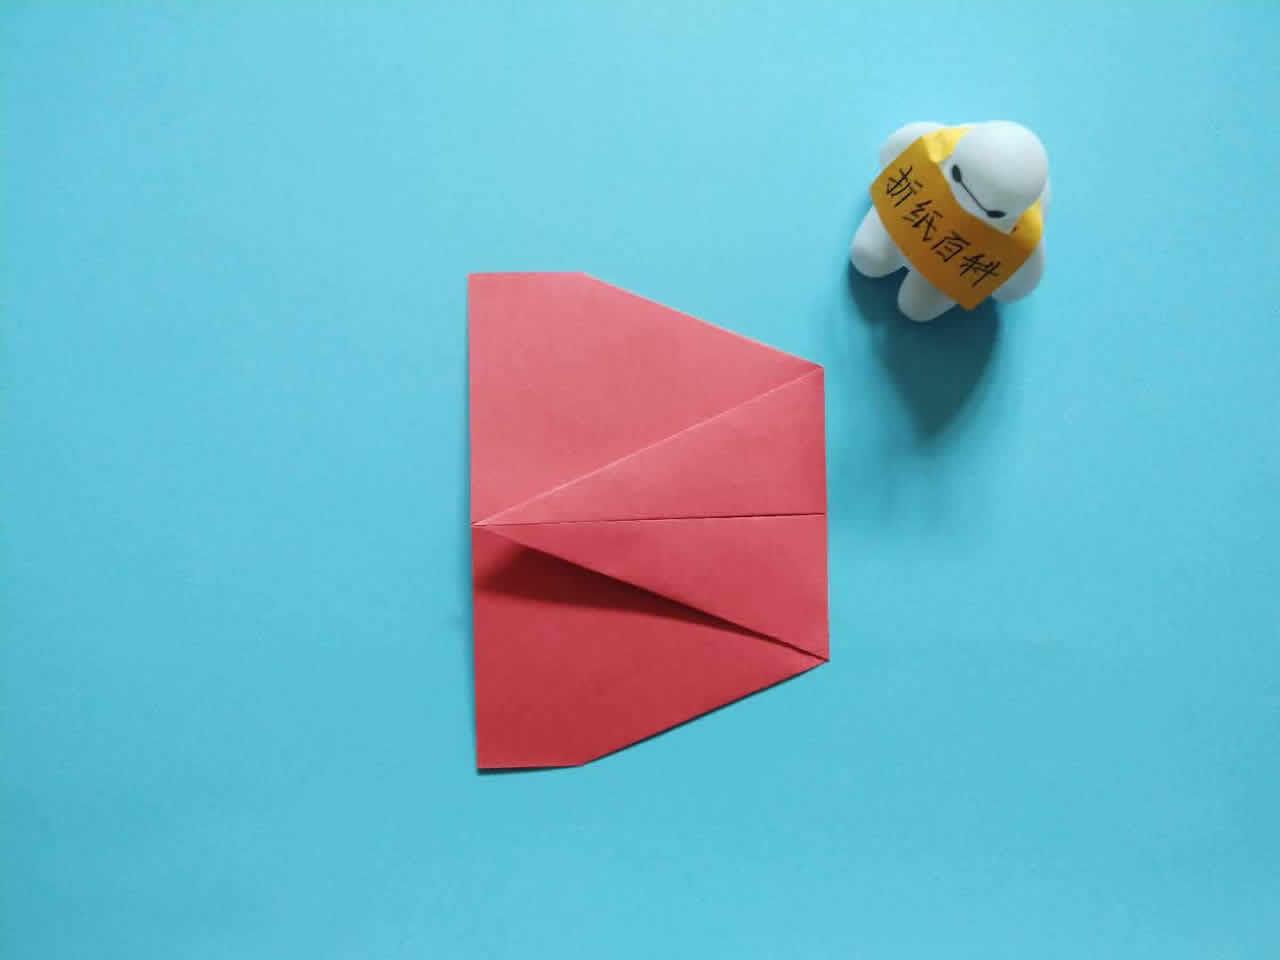 能飞得很远的折纸飞机,简单几步就做好,手工DIY折纸图解教程 家务妙招 第4张